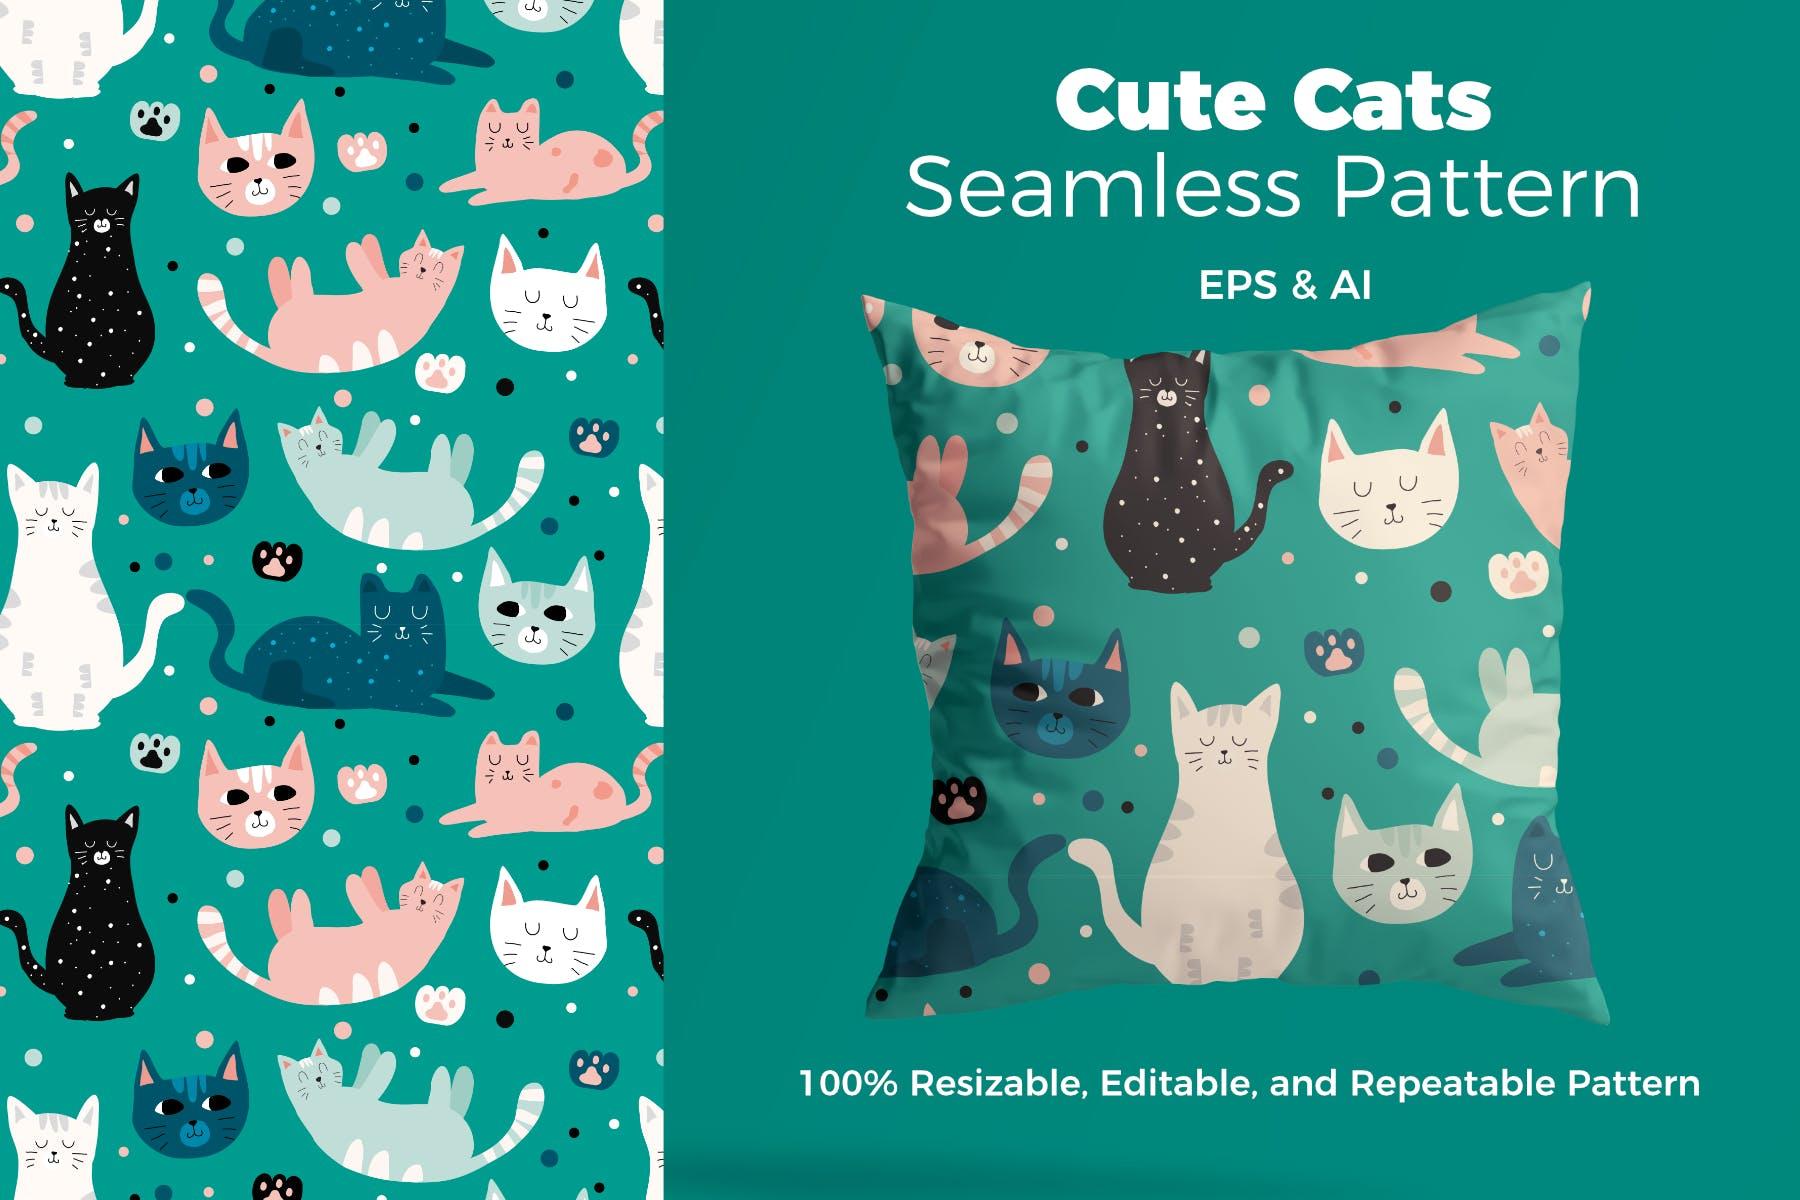 漂亮的创意猫图案素材花纹抱枕装饰图案Beautful Cat Pattern插图